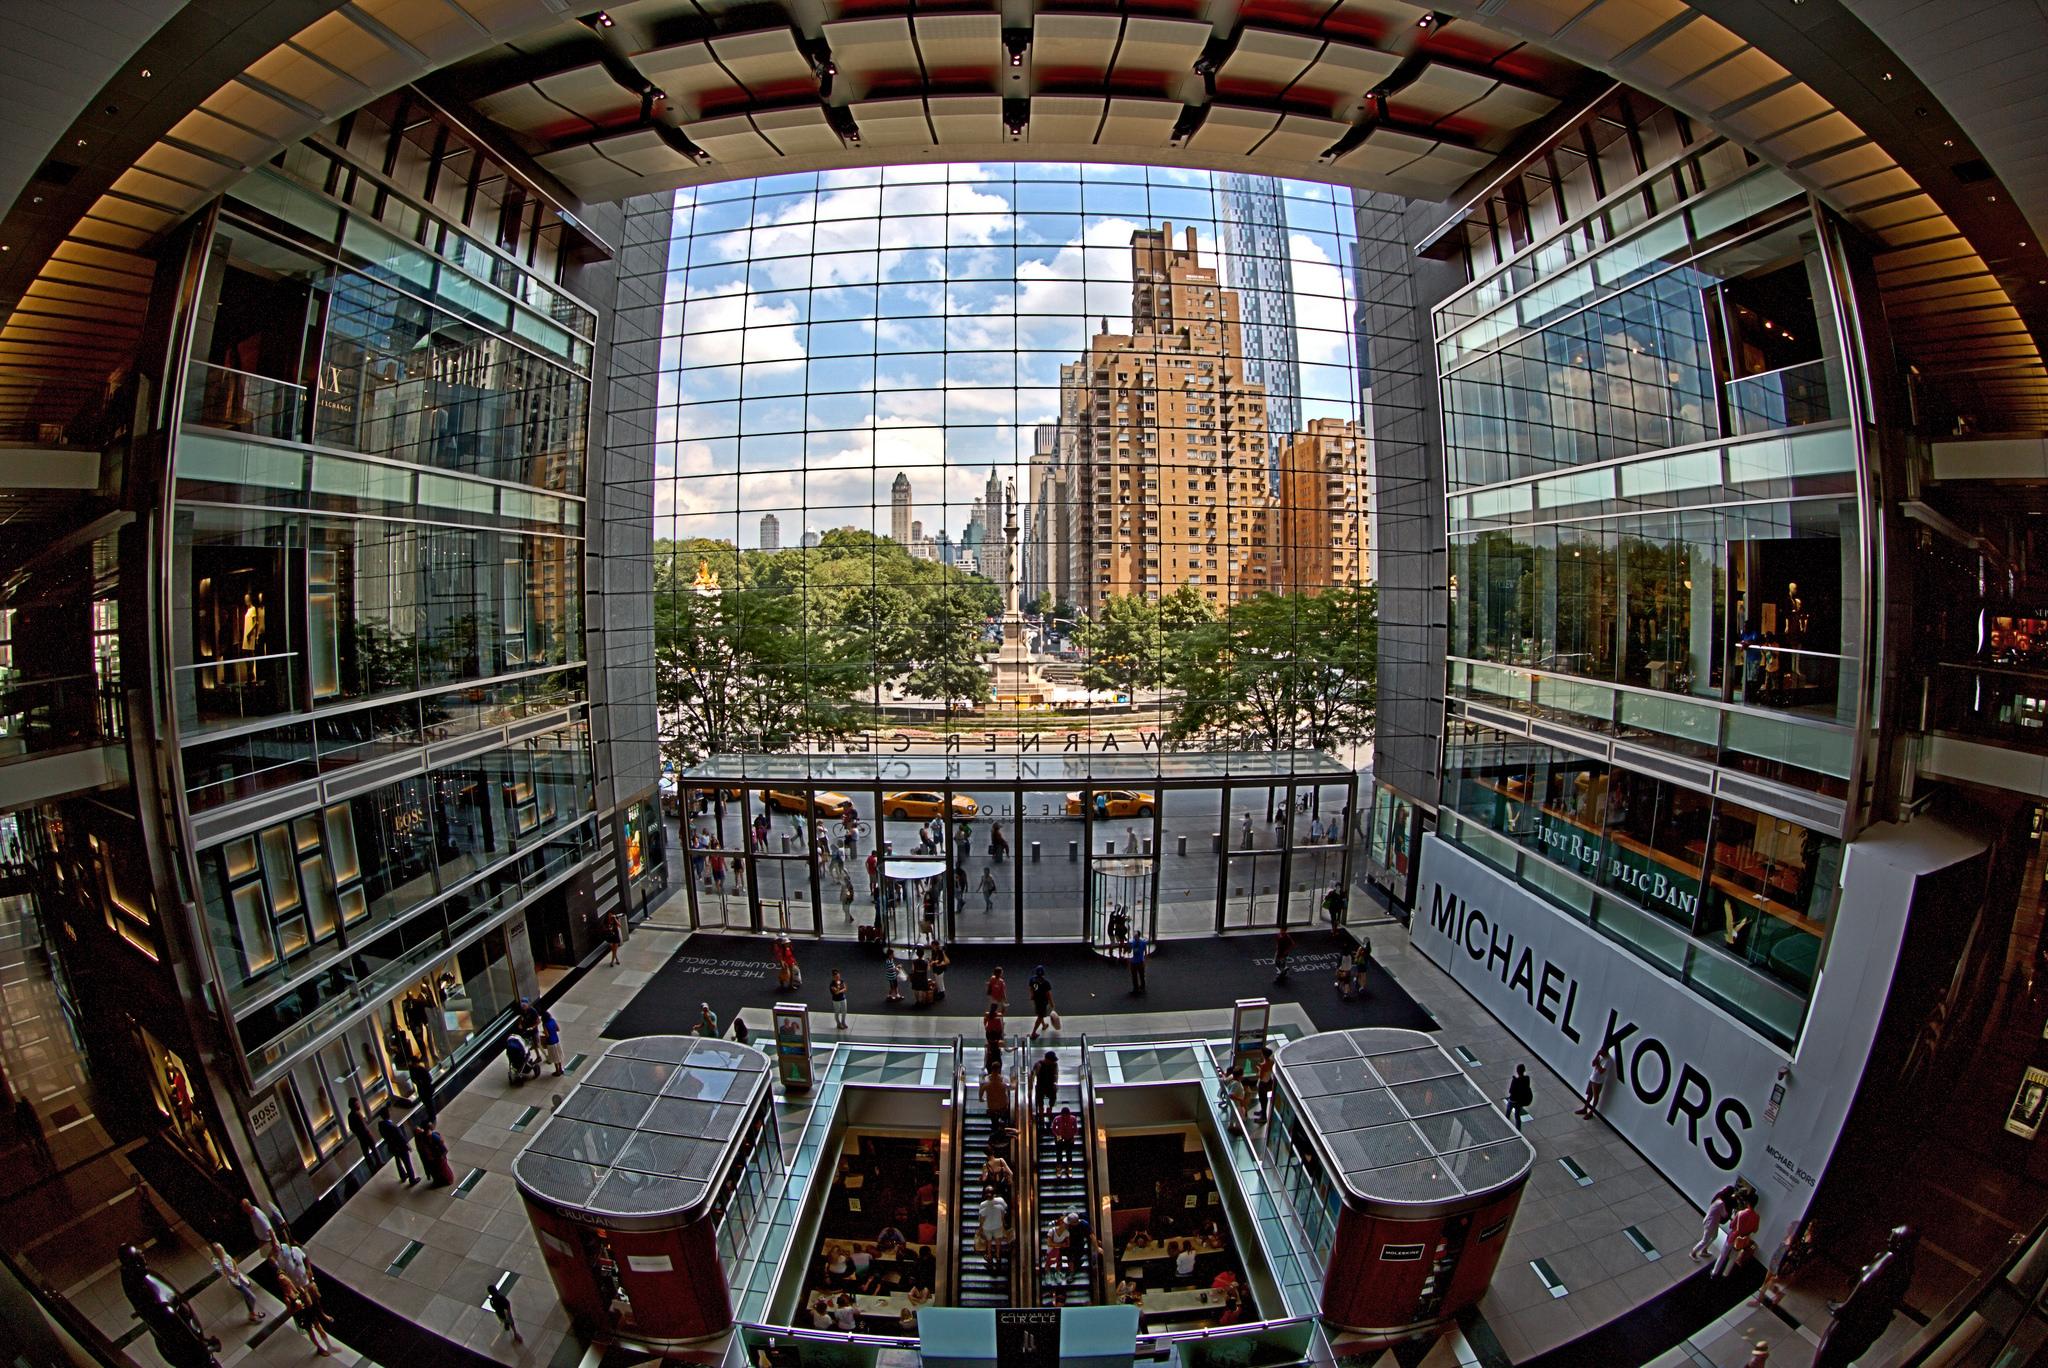 Time Warner Center